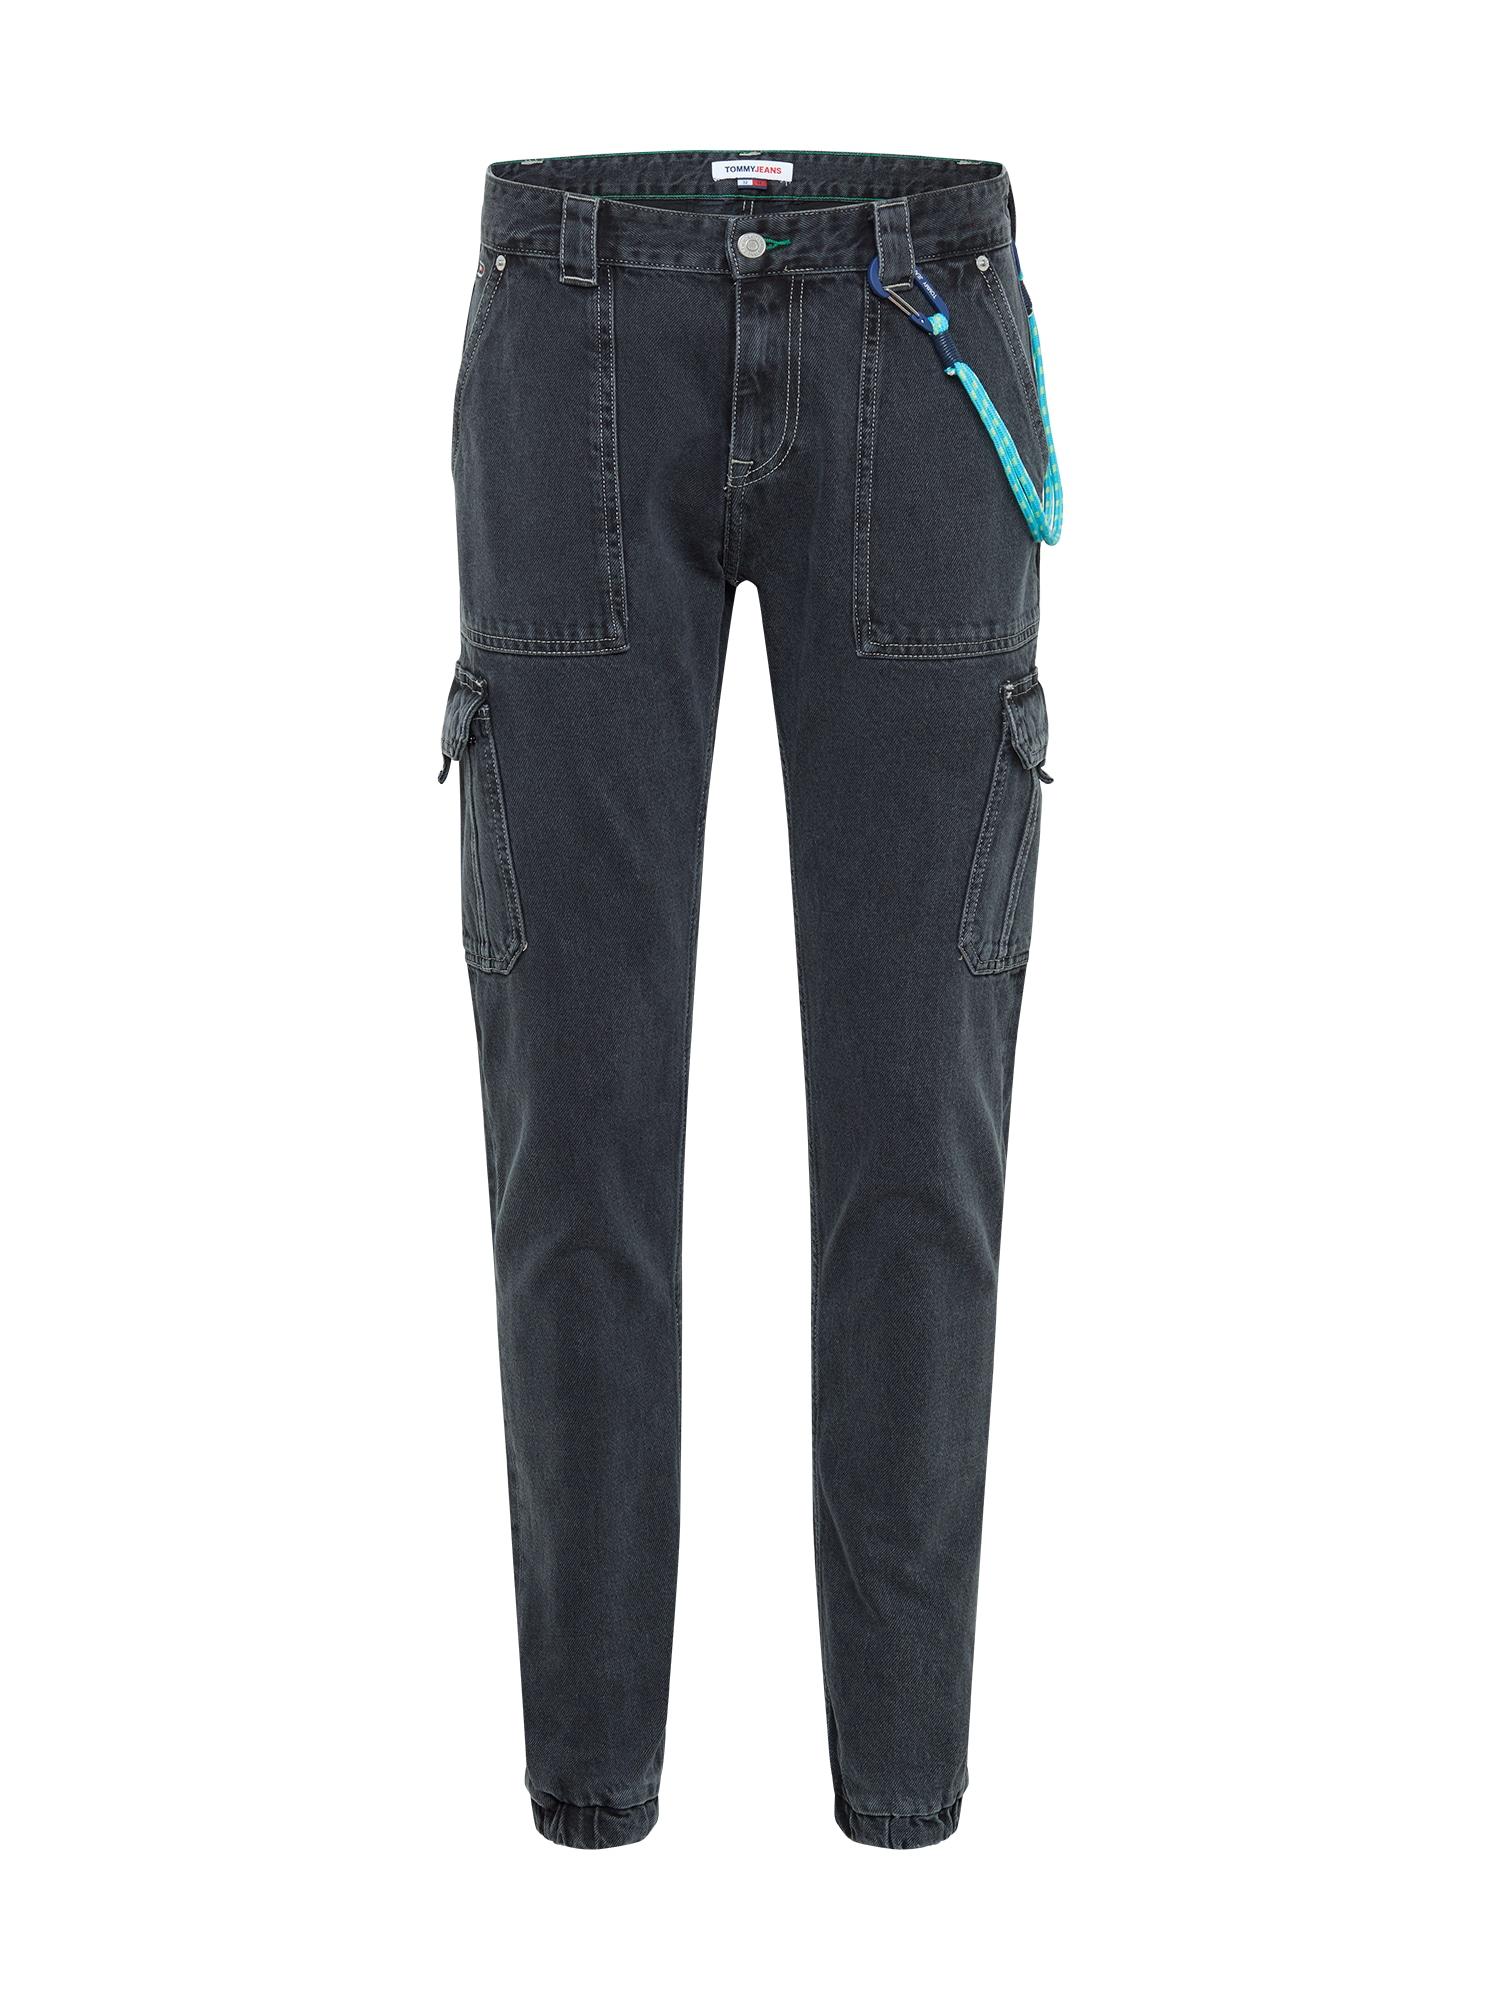 Tommy Jeans Darbinio stiliaus džinsai juodo džinso spalva